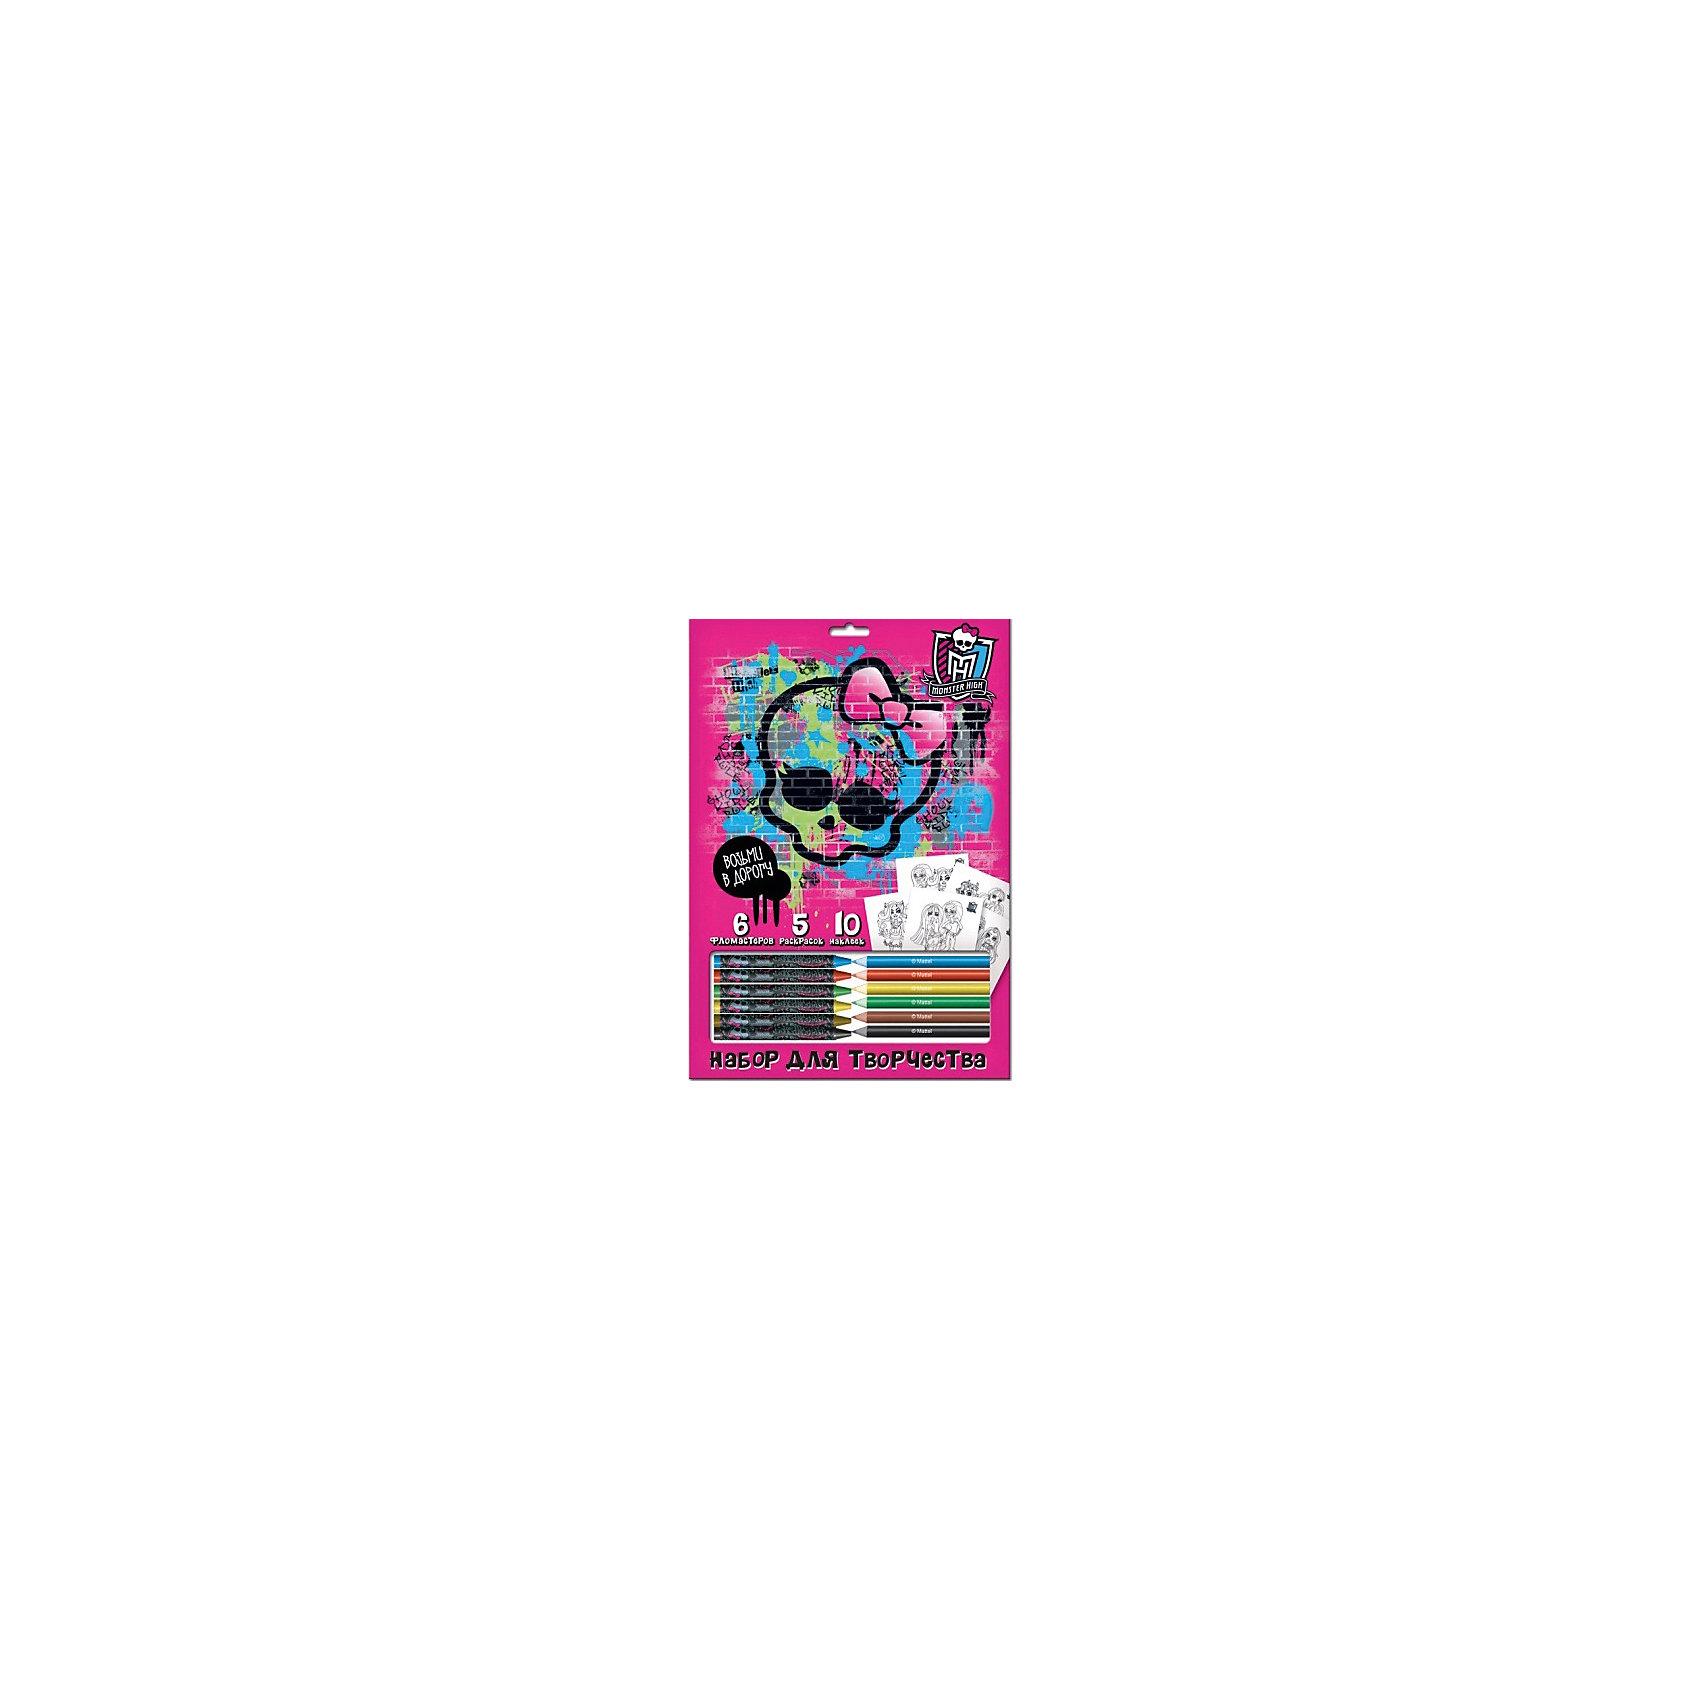 Набор для рисования Mattel Monster High с мелками и карандашамиНаборы для раскрашивания<br>Характеристики товара:<br><br>• в комплекте: 6 карандашей, 6 восковых мелков, 5 раскрасок А4, 10 наклеек, картонный блистер А4;<br>• возраст: от 3 лет;<br>• размер упаковки: 33х1,5х23 см;<br>• вес: 130 грамм;<br>• страна бренда: США;<br>• страна производитель: Китай.<br><br>Набор для рисования станет отличным подарком поклонникам Школы Монстров. В комплект входят 5 раскрасок, 6 карандашей, 6 восковых мелков и 10 наклеек. Ребенок с удовольствием оживит раскраски, а затем дополнит их яркими наклейками. Компактная форма позволяет брать набор в дорогу.<br><br>Набор для рисования Mattel Monster High (Маттел Монстер Хай) с мелками и карандашами можно купить в нашем интернет-магазине.<br><br>Ширина мм: 230<br>Глубина мм: 15<br>Высота мм: 330<br>Вес г: 130<br>Возраст от месяцев: 72<br>Возраст до месяцев: 108<br>Пол: Женский<br>Возраст: Детский<br>SKU: 7029901